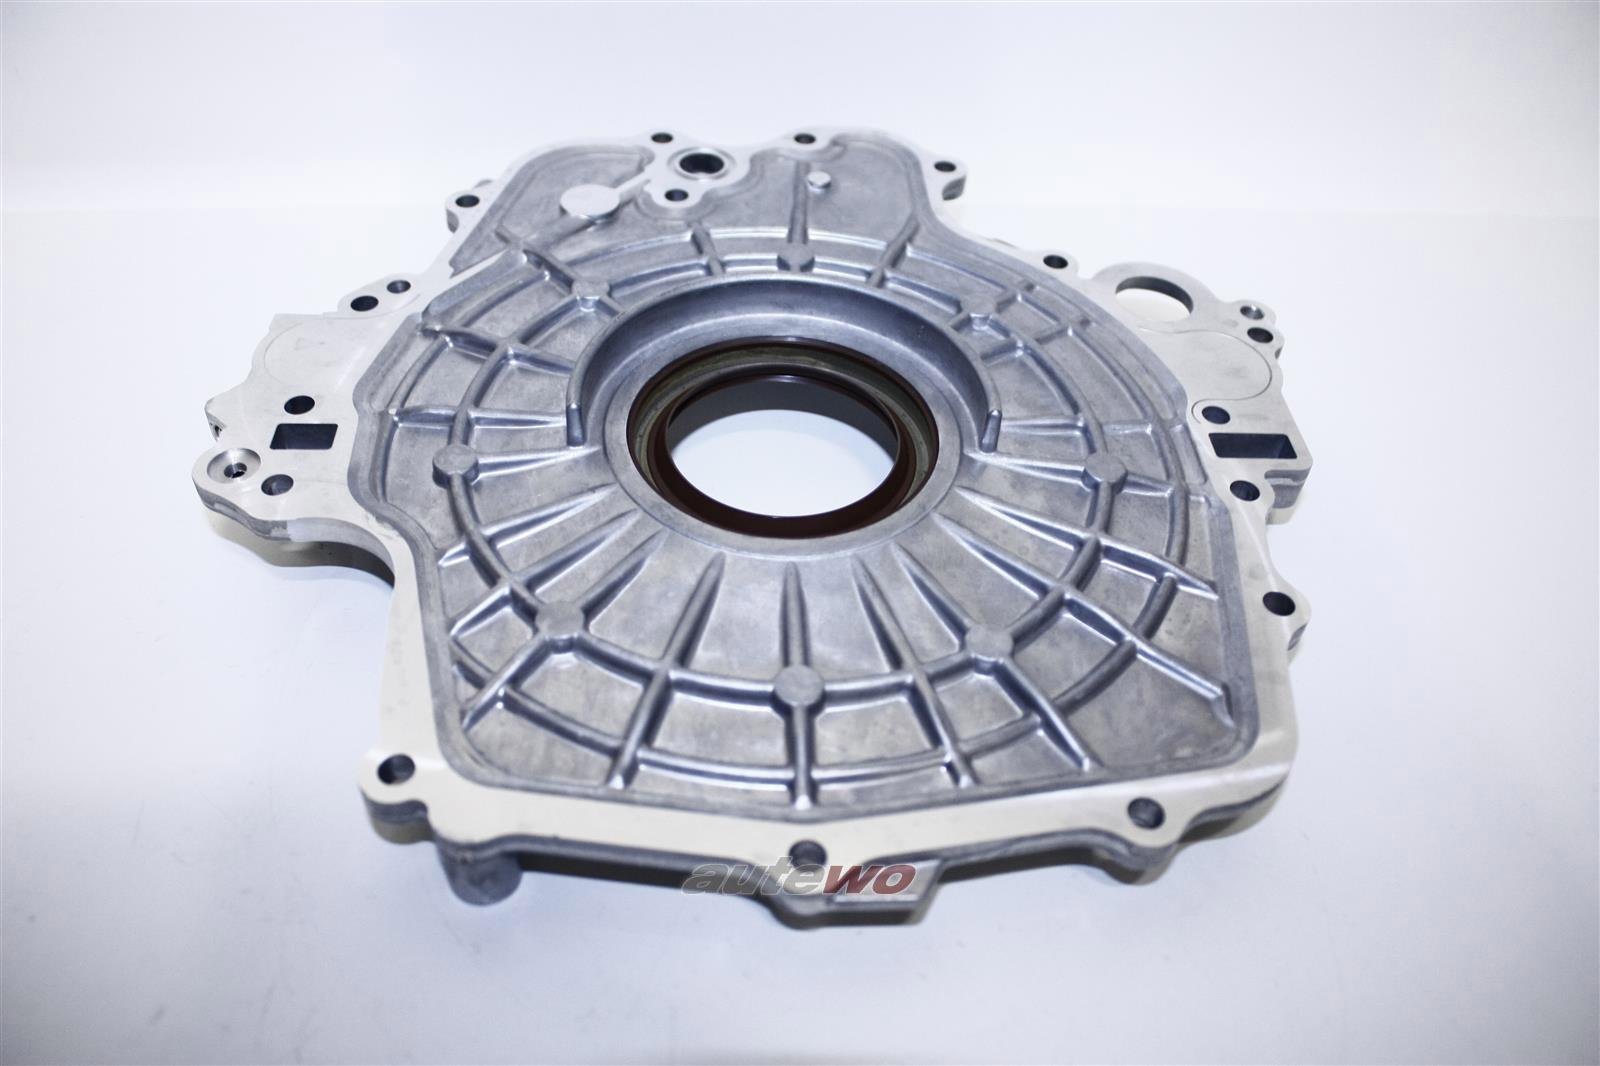 057103151AA 057103151S NEU Audi/VW A8 D4/Q7/Touareg 8 Zyl. Dichtflansch Motor